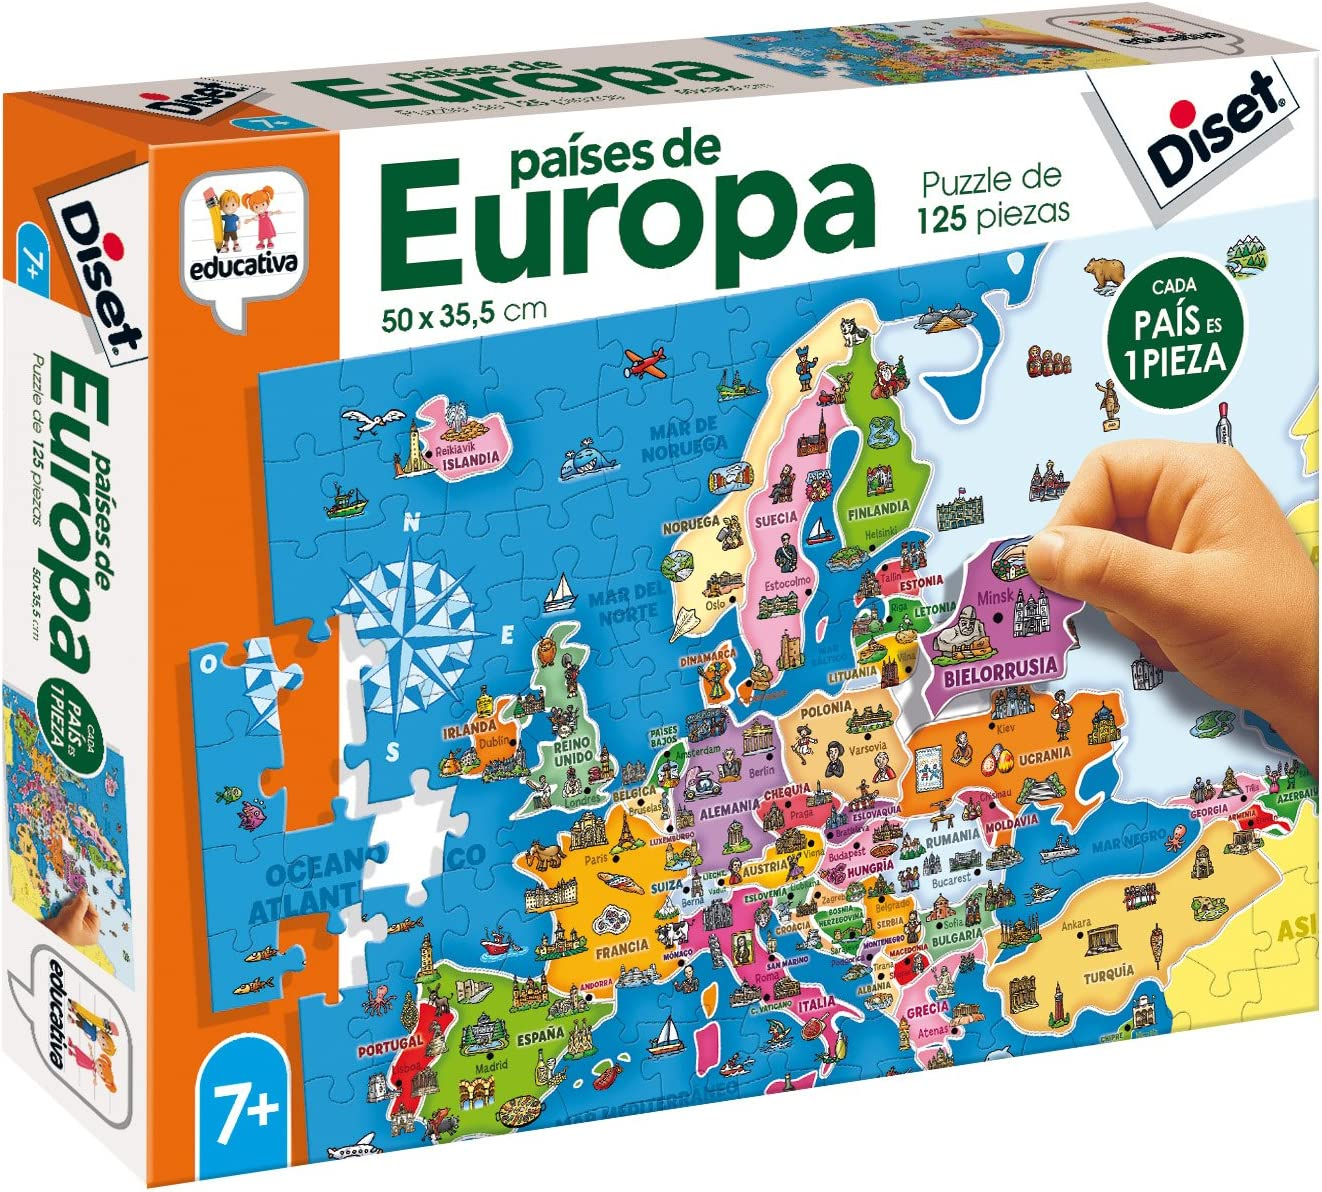 Diset- Juguete educativos Paises De Europa (68947) , color/modelo surtido: Amazon.es: Juguetes y juegos